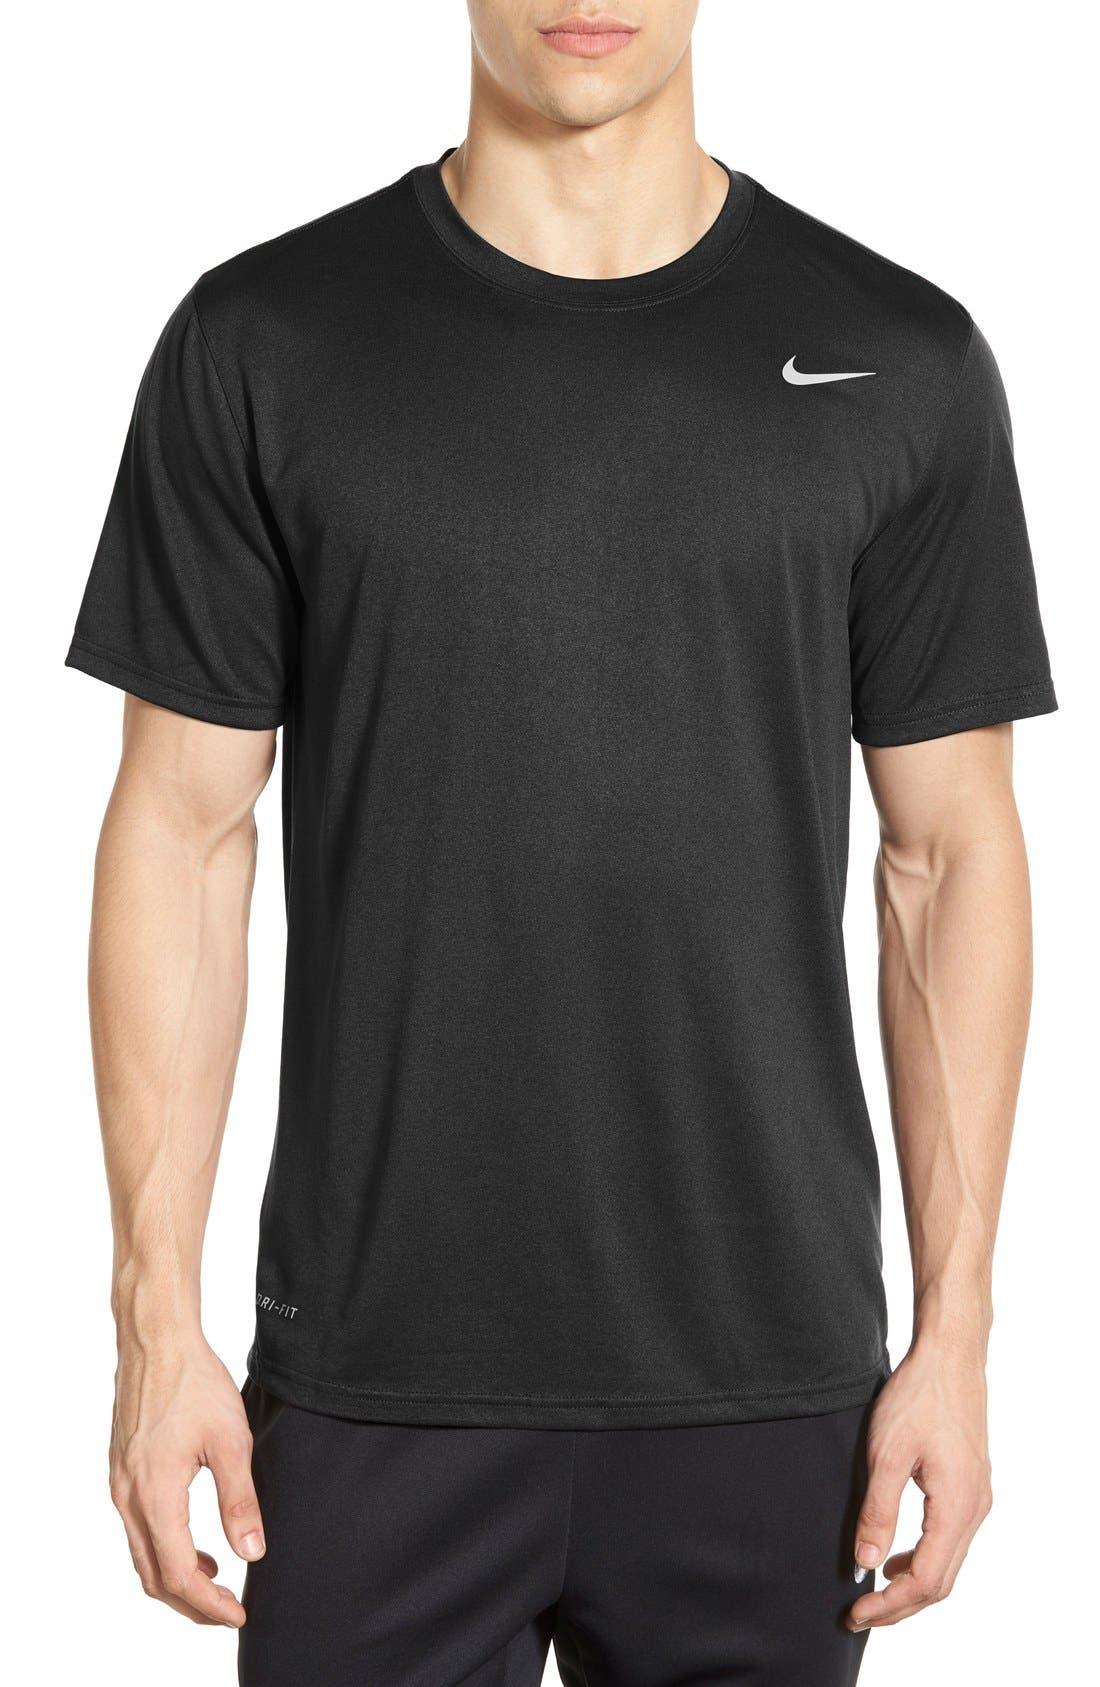 'Legend 2.0' Dri-FIT Training T-Shirt,                         Main,                         color, Black/ Black/ Matte Silver